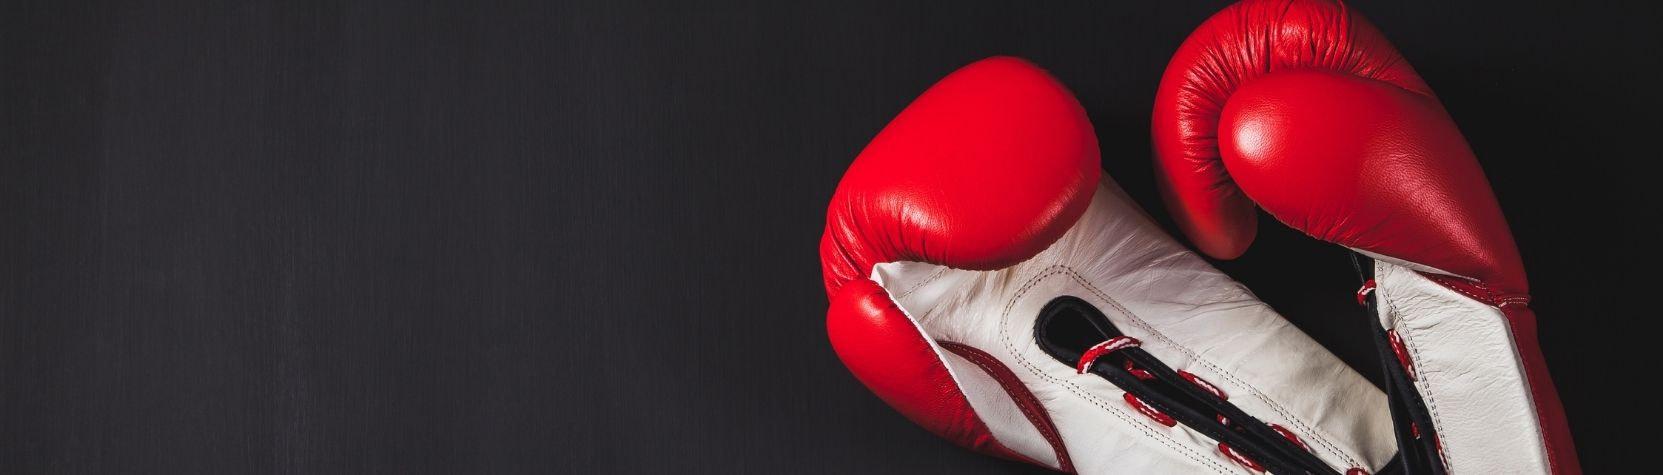 Vds training consultants blog boksen of boxen op de maandagmorgen